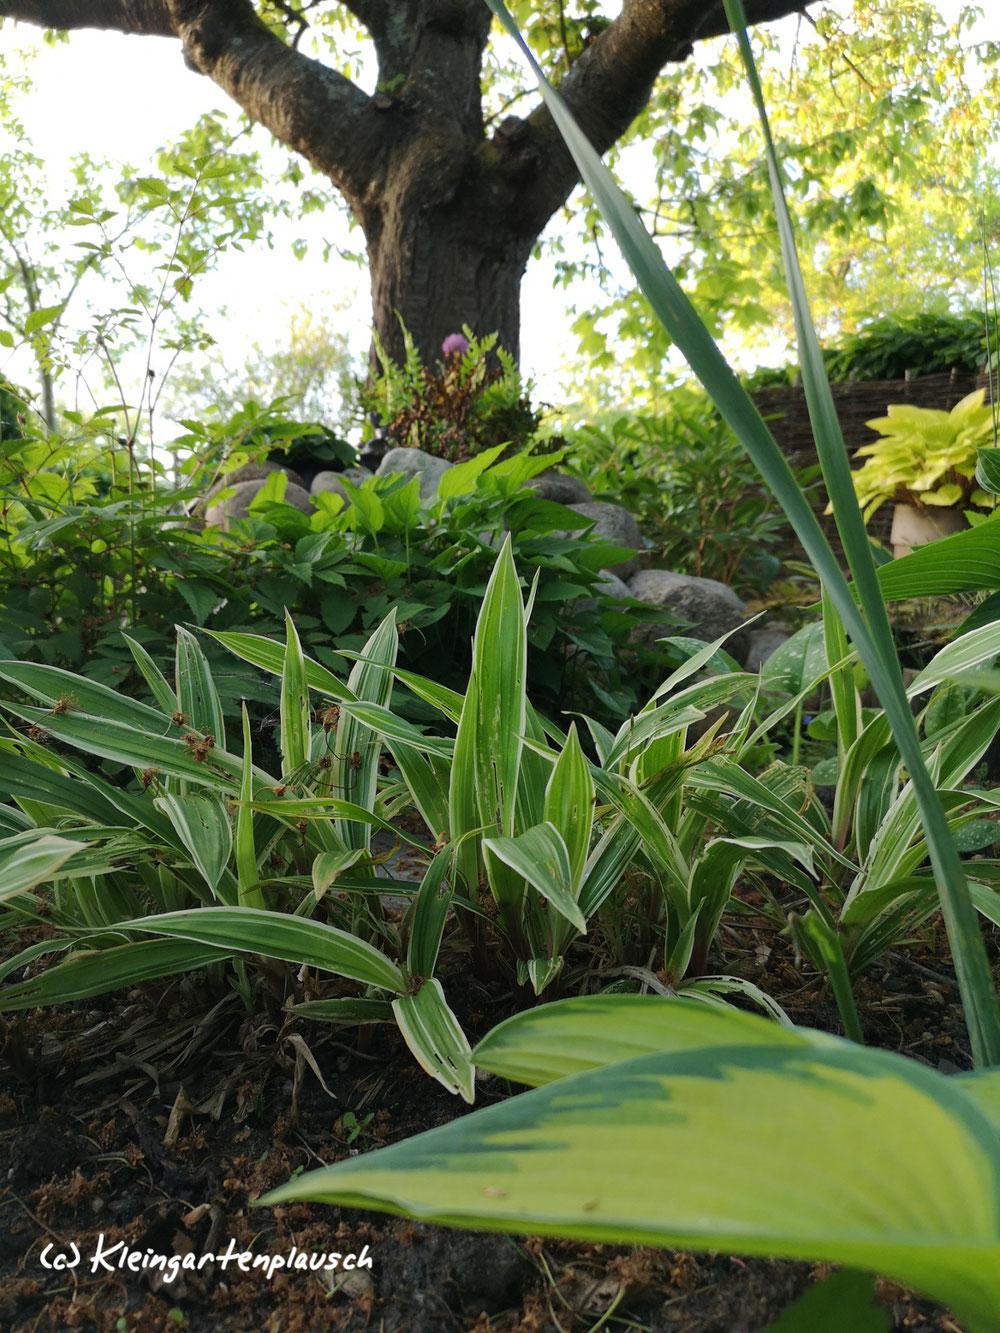 Farben, Strukturkontraste durch Carex plantaginea, Breitblattsegge und Hosta, Funkie